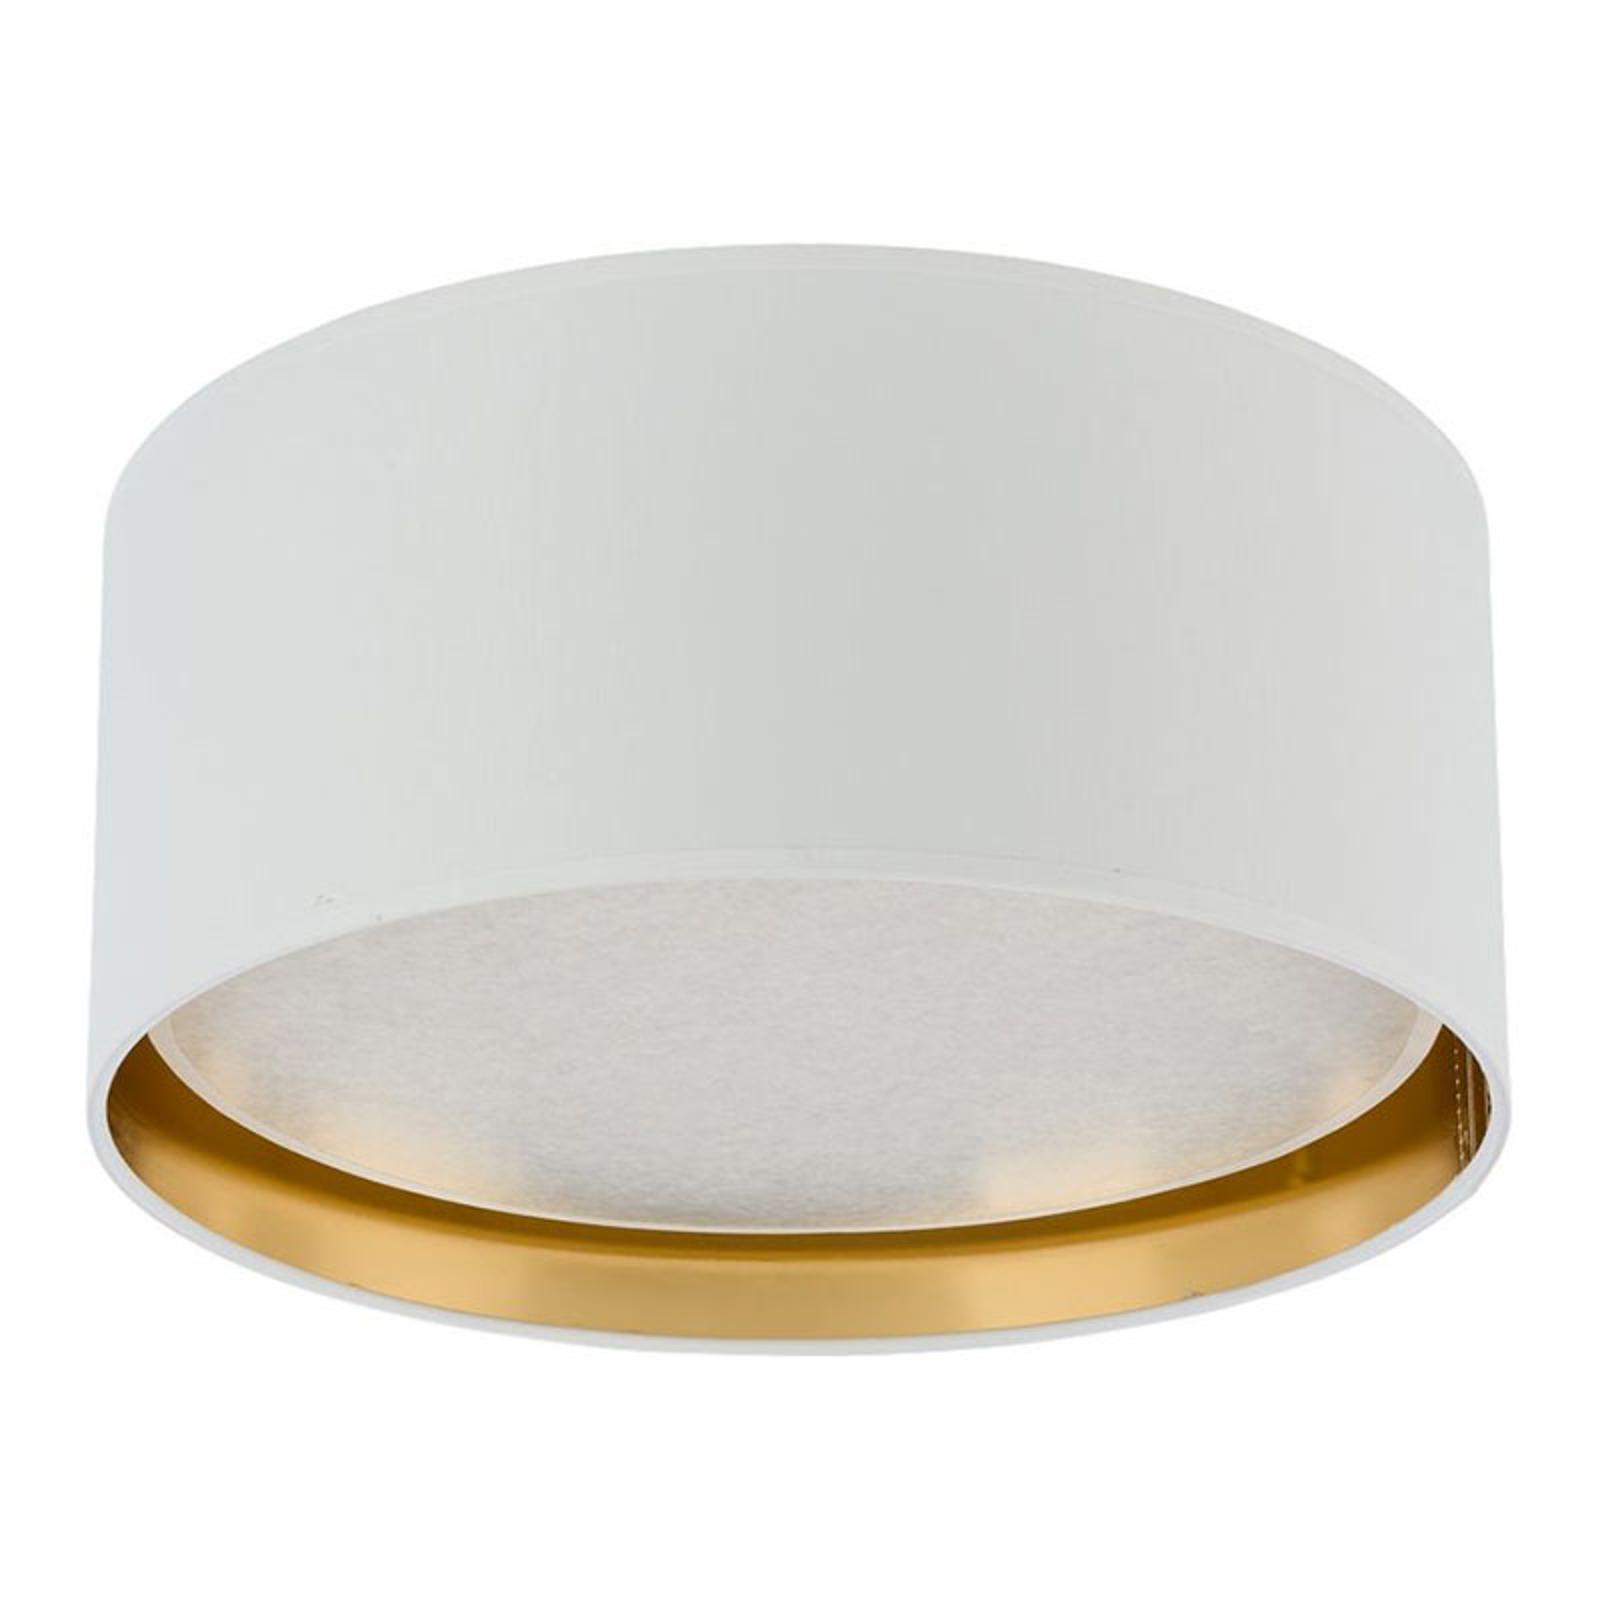 Kattovalaisin Bilbao, valkoinen/kulta, Ø 45 cm